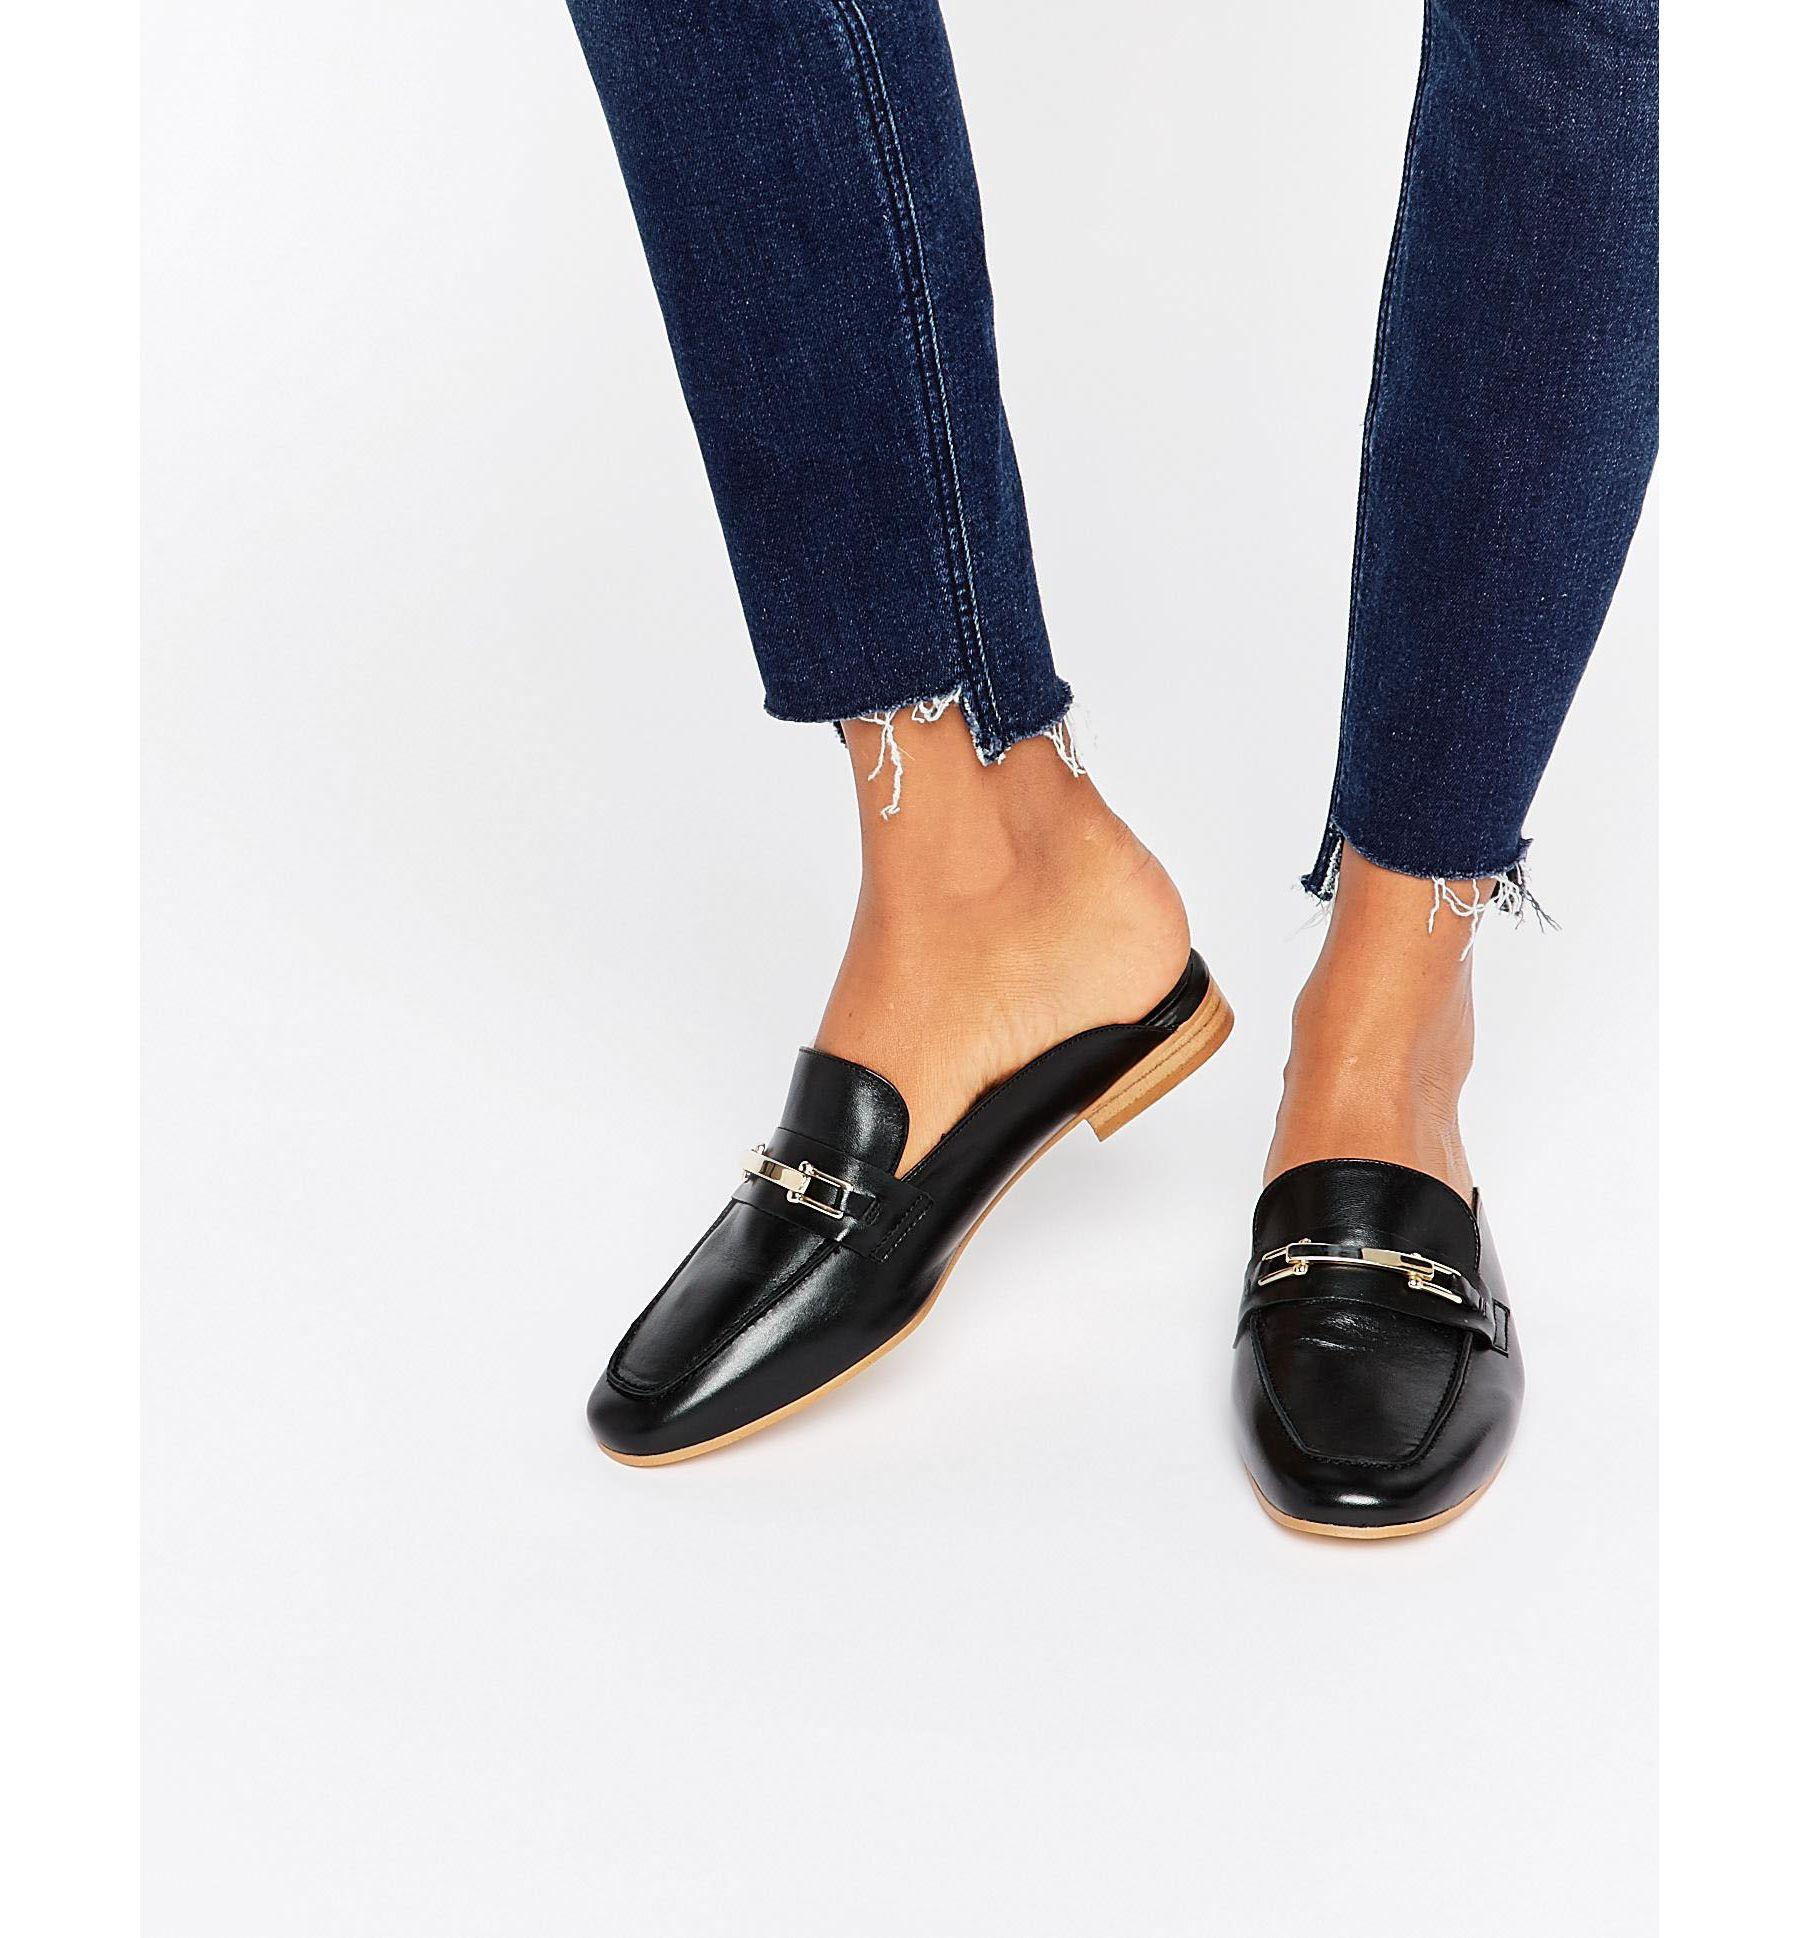 Lofers Shoes Uk